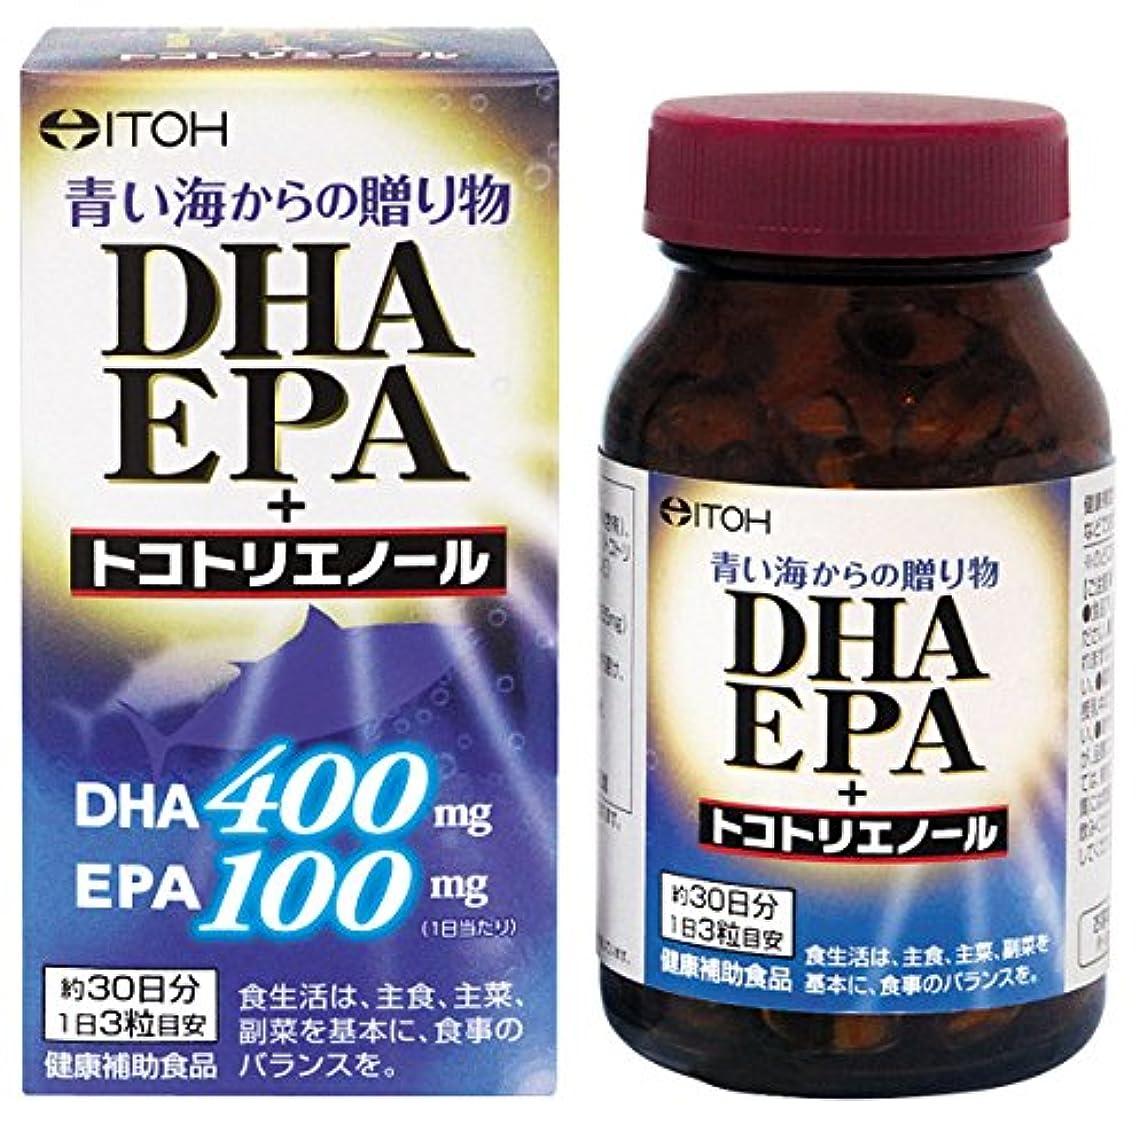 アイデアシェルターコークス井藤漢方製薬 DHA EPA+トコトリエノール 約30日分 90粒